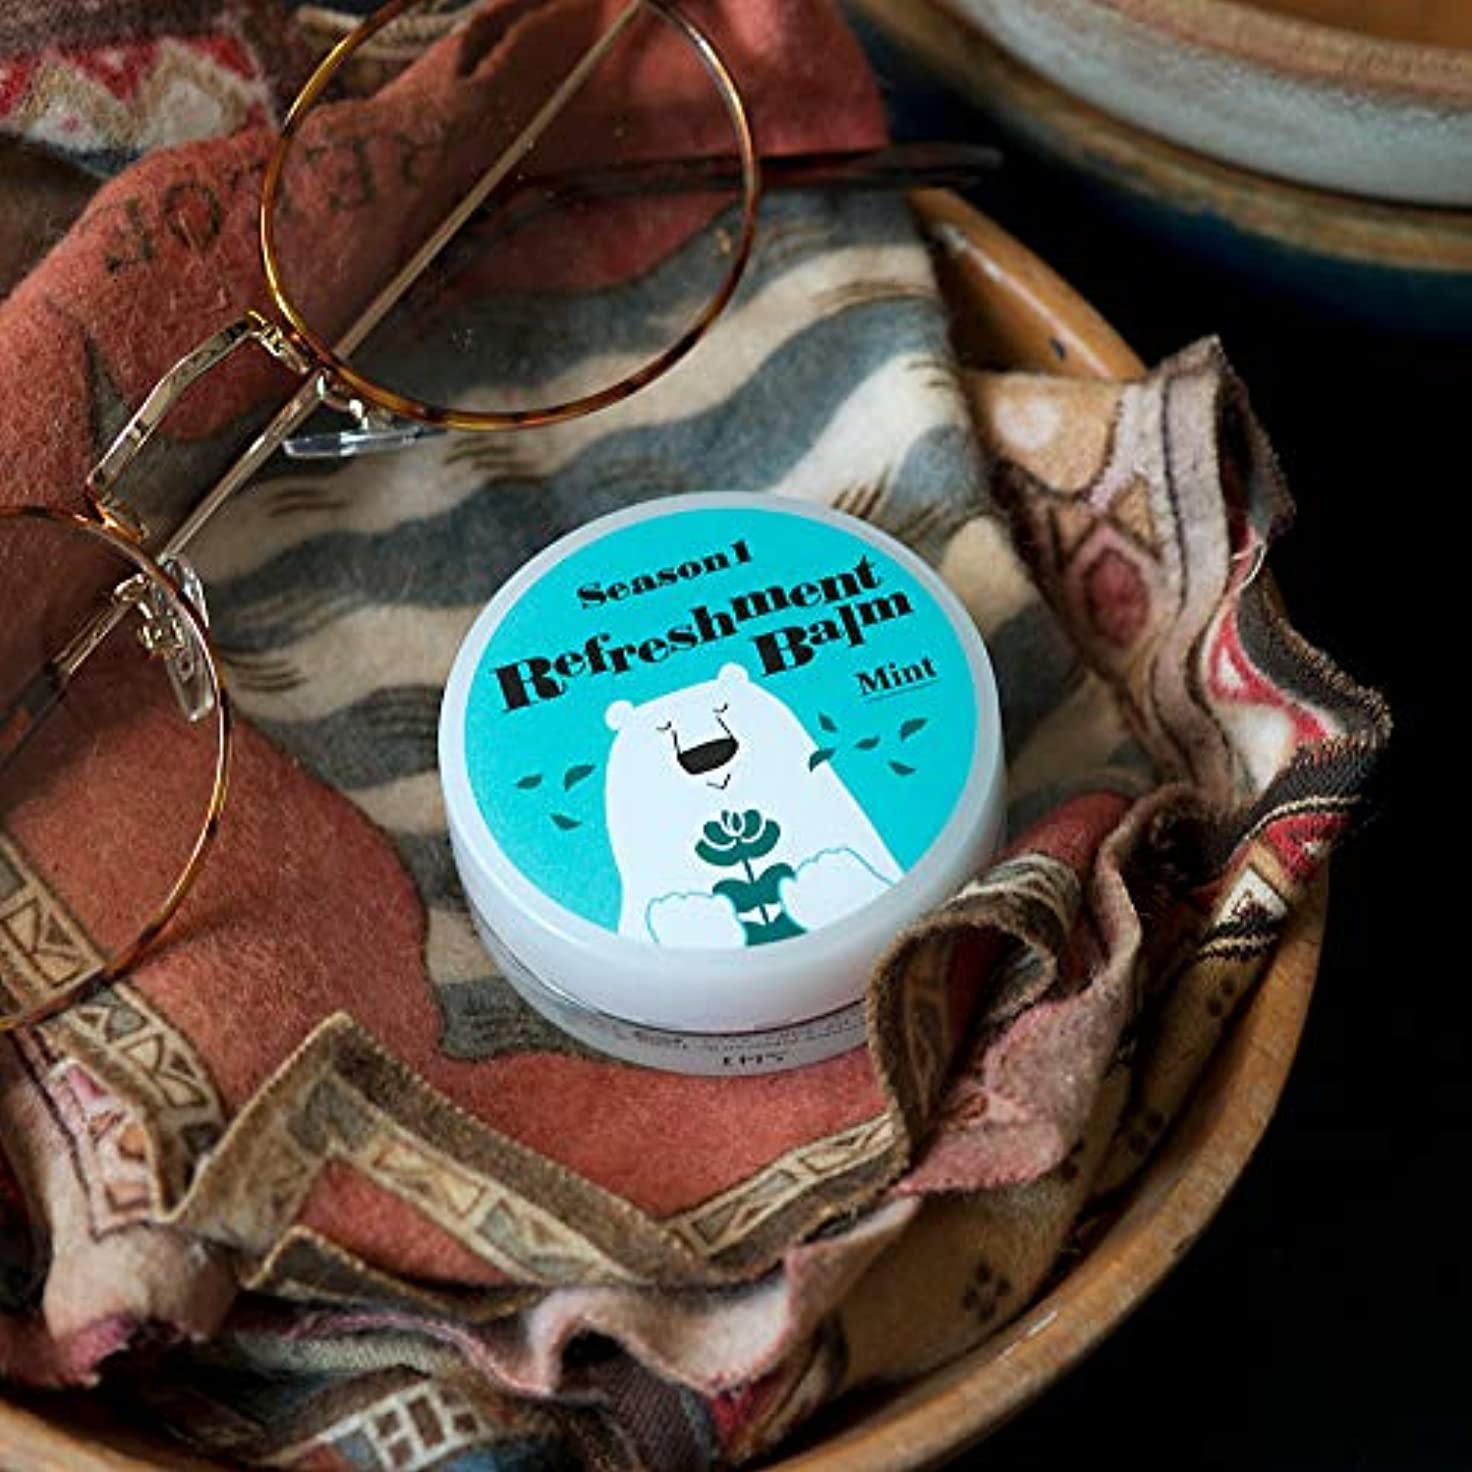 反毒人事スムーズに(美健)BIKEN カサカサ鼻にひと塗り リフレッシュメントバーム ミント エッセンシャルオイル(精油)のみで香り付け